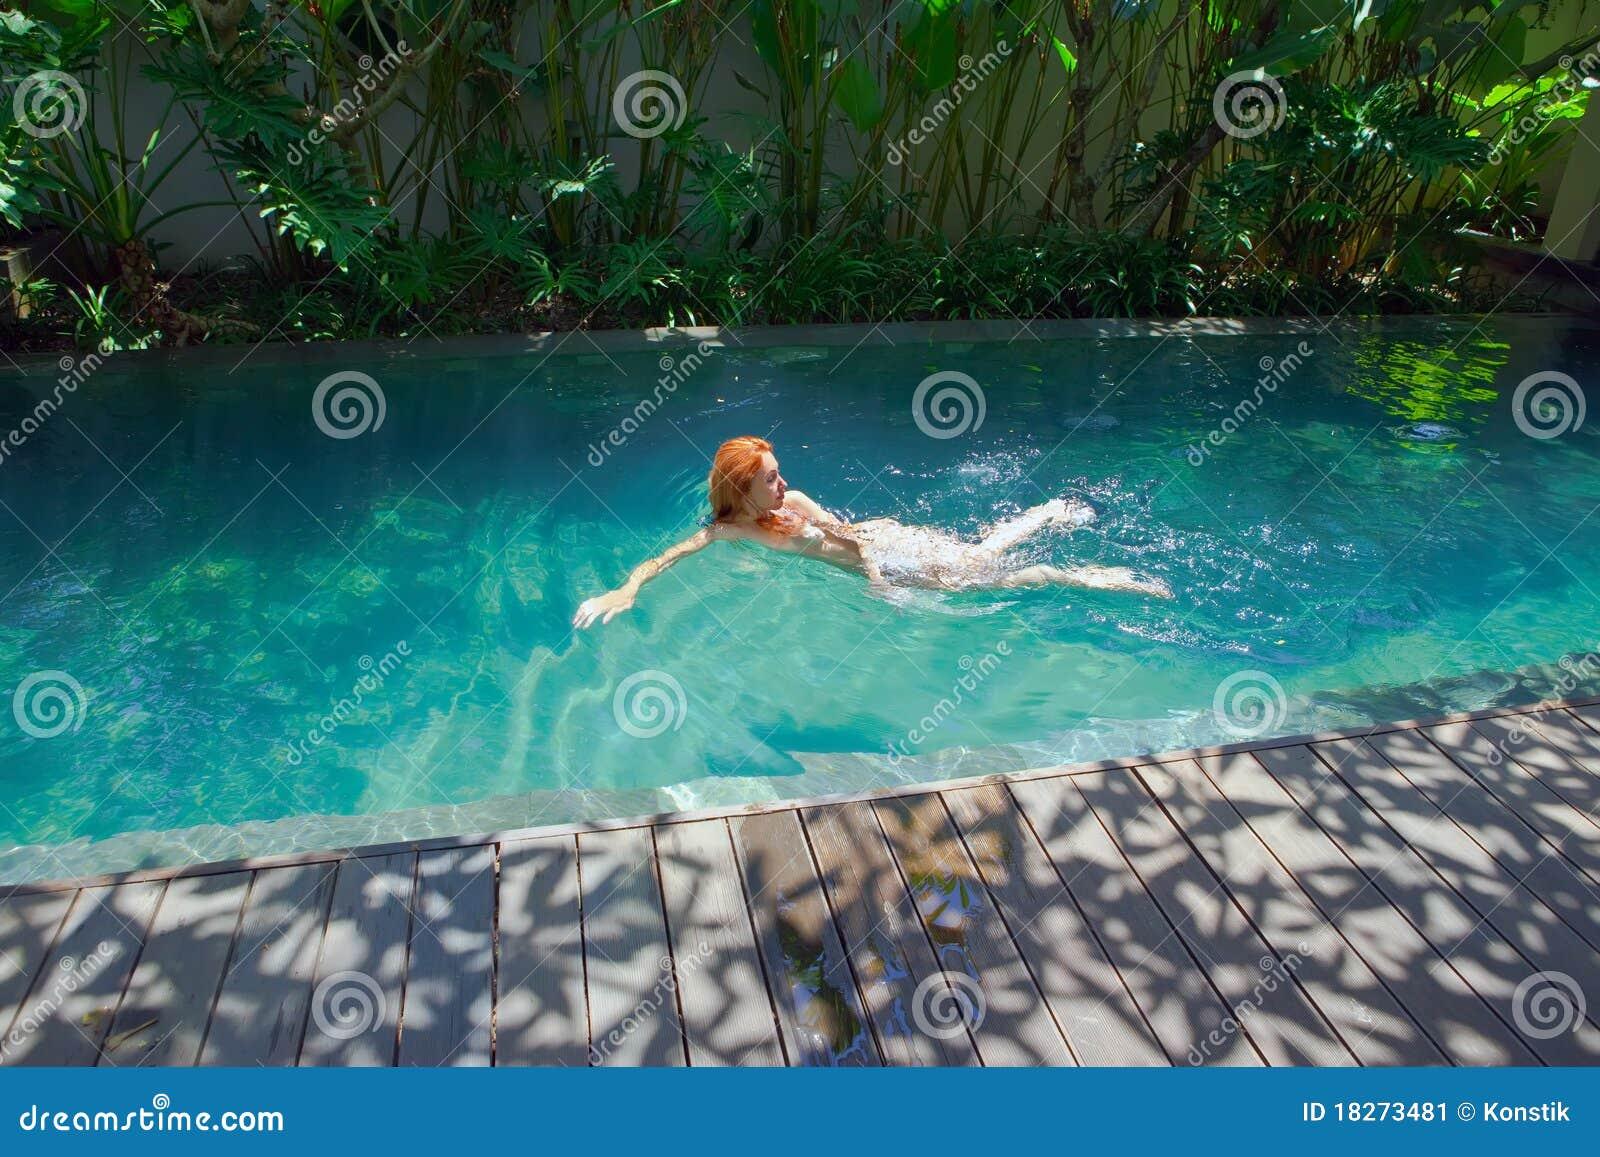 bild junge nackte frau pool cocktail